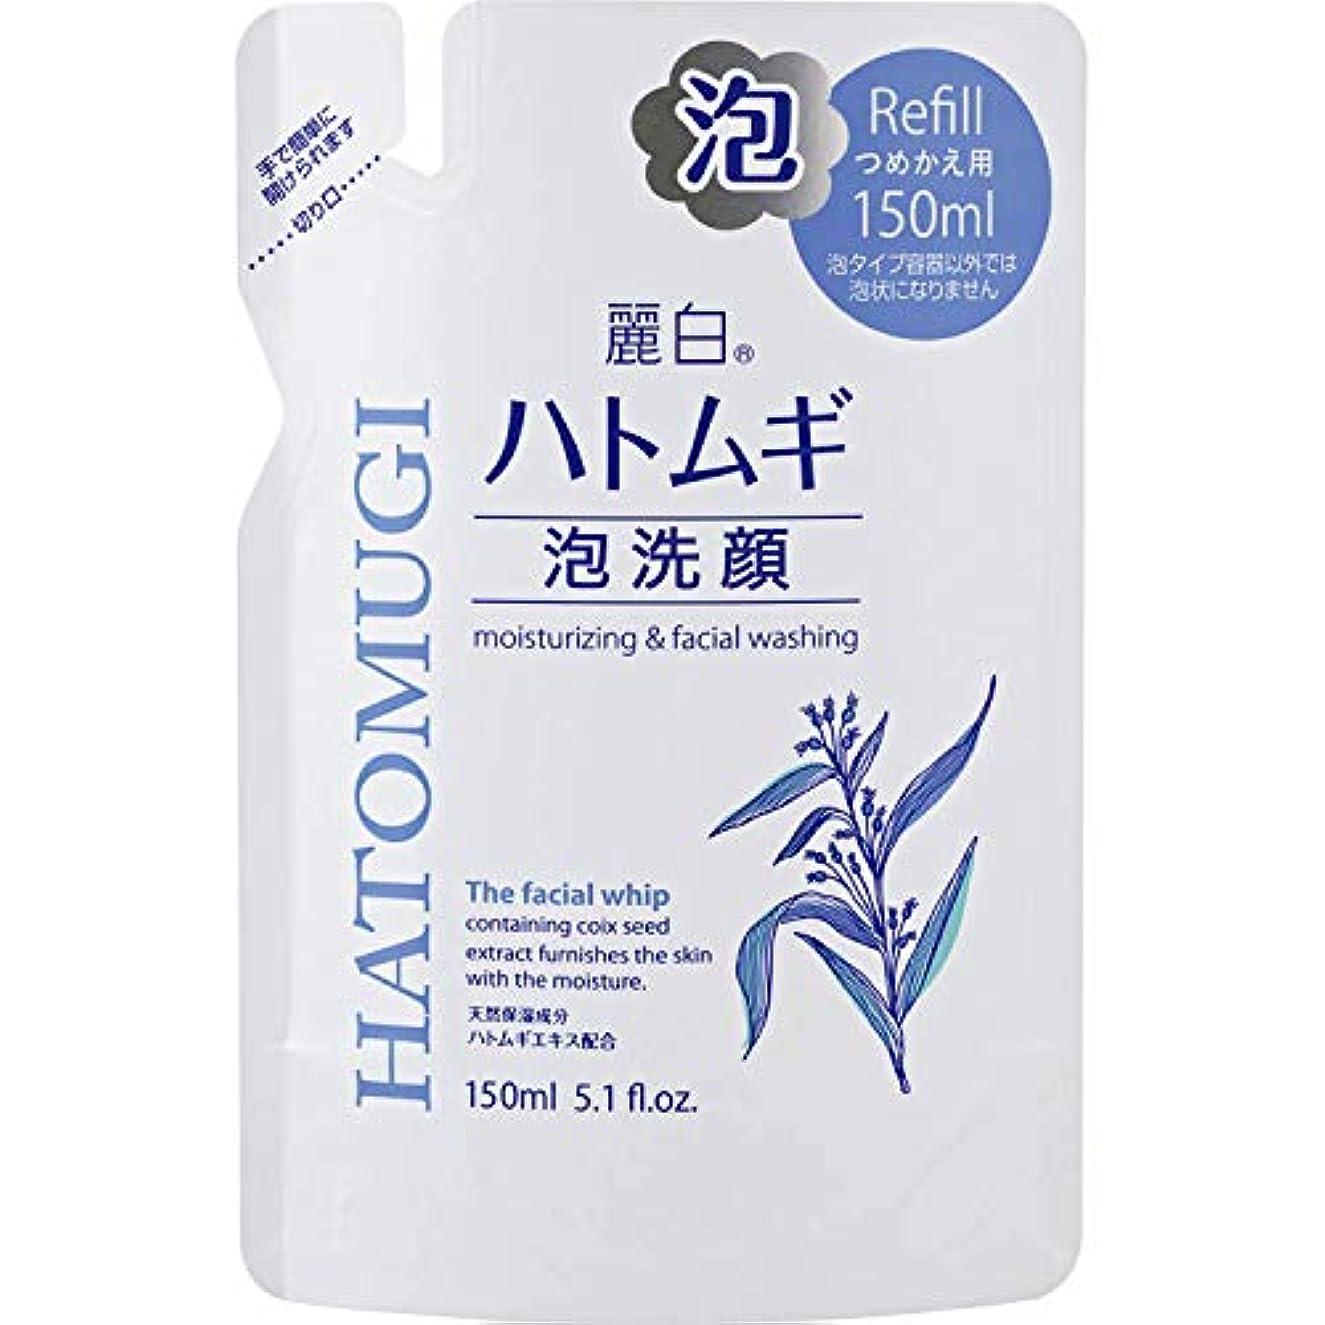 不規則なゼリーふくろう麗白 ハトムギ 泡洗顔 詰替用 150mL